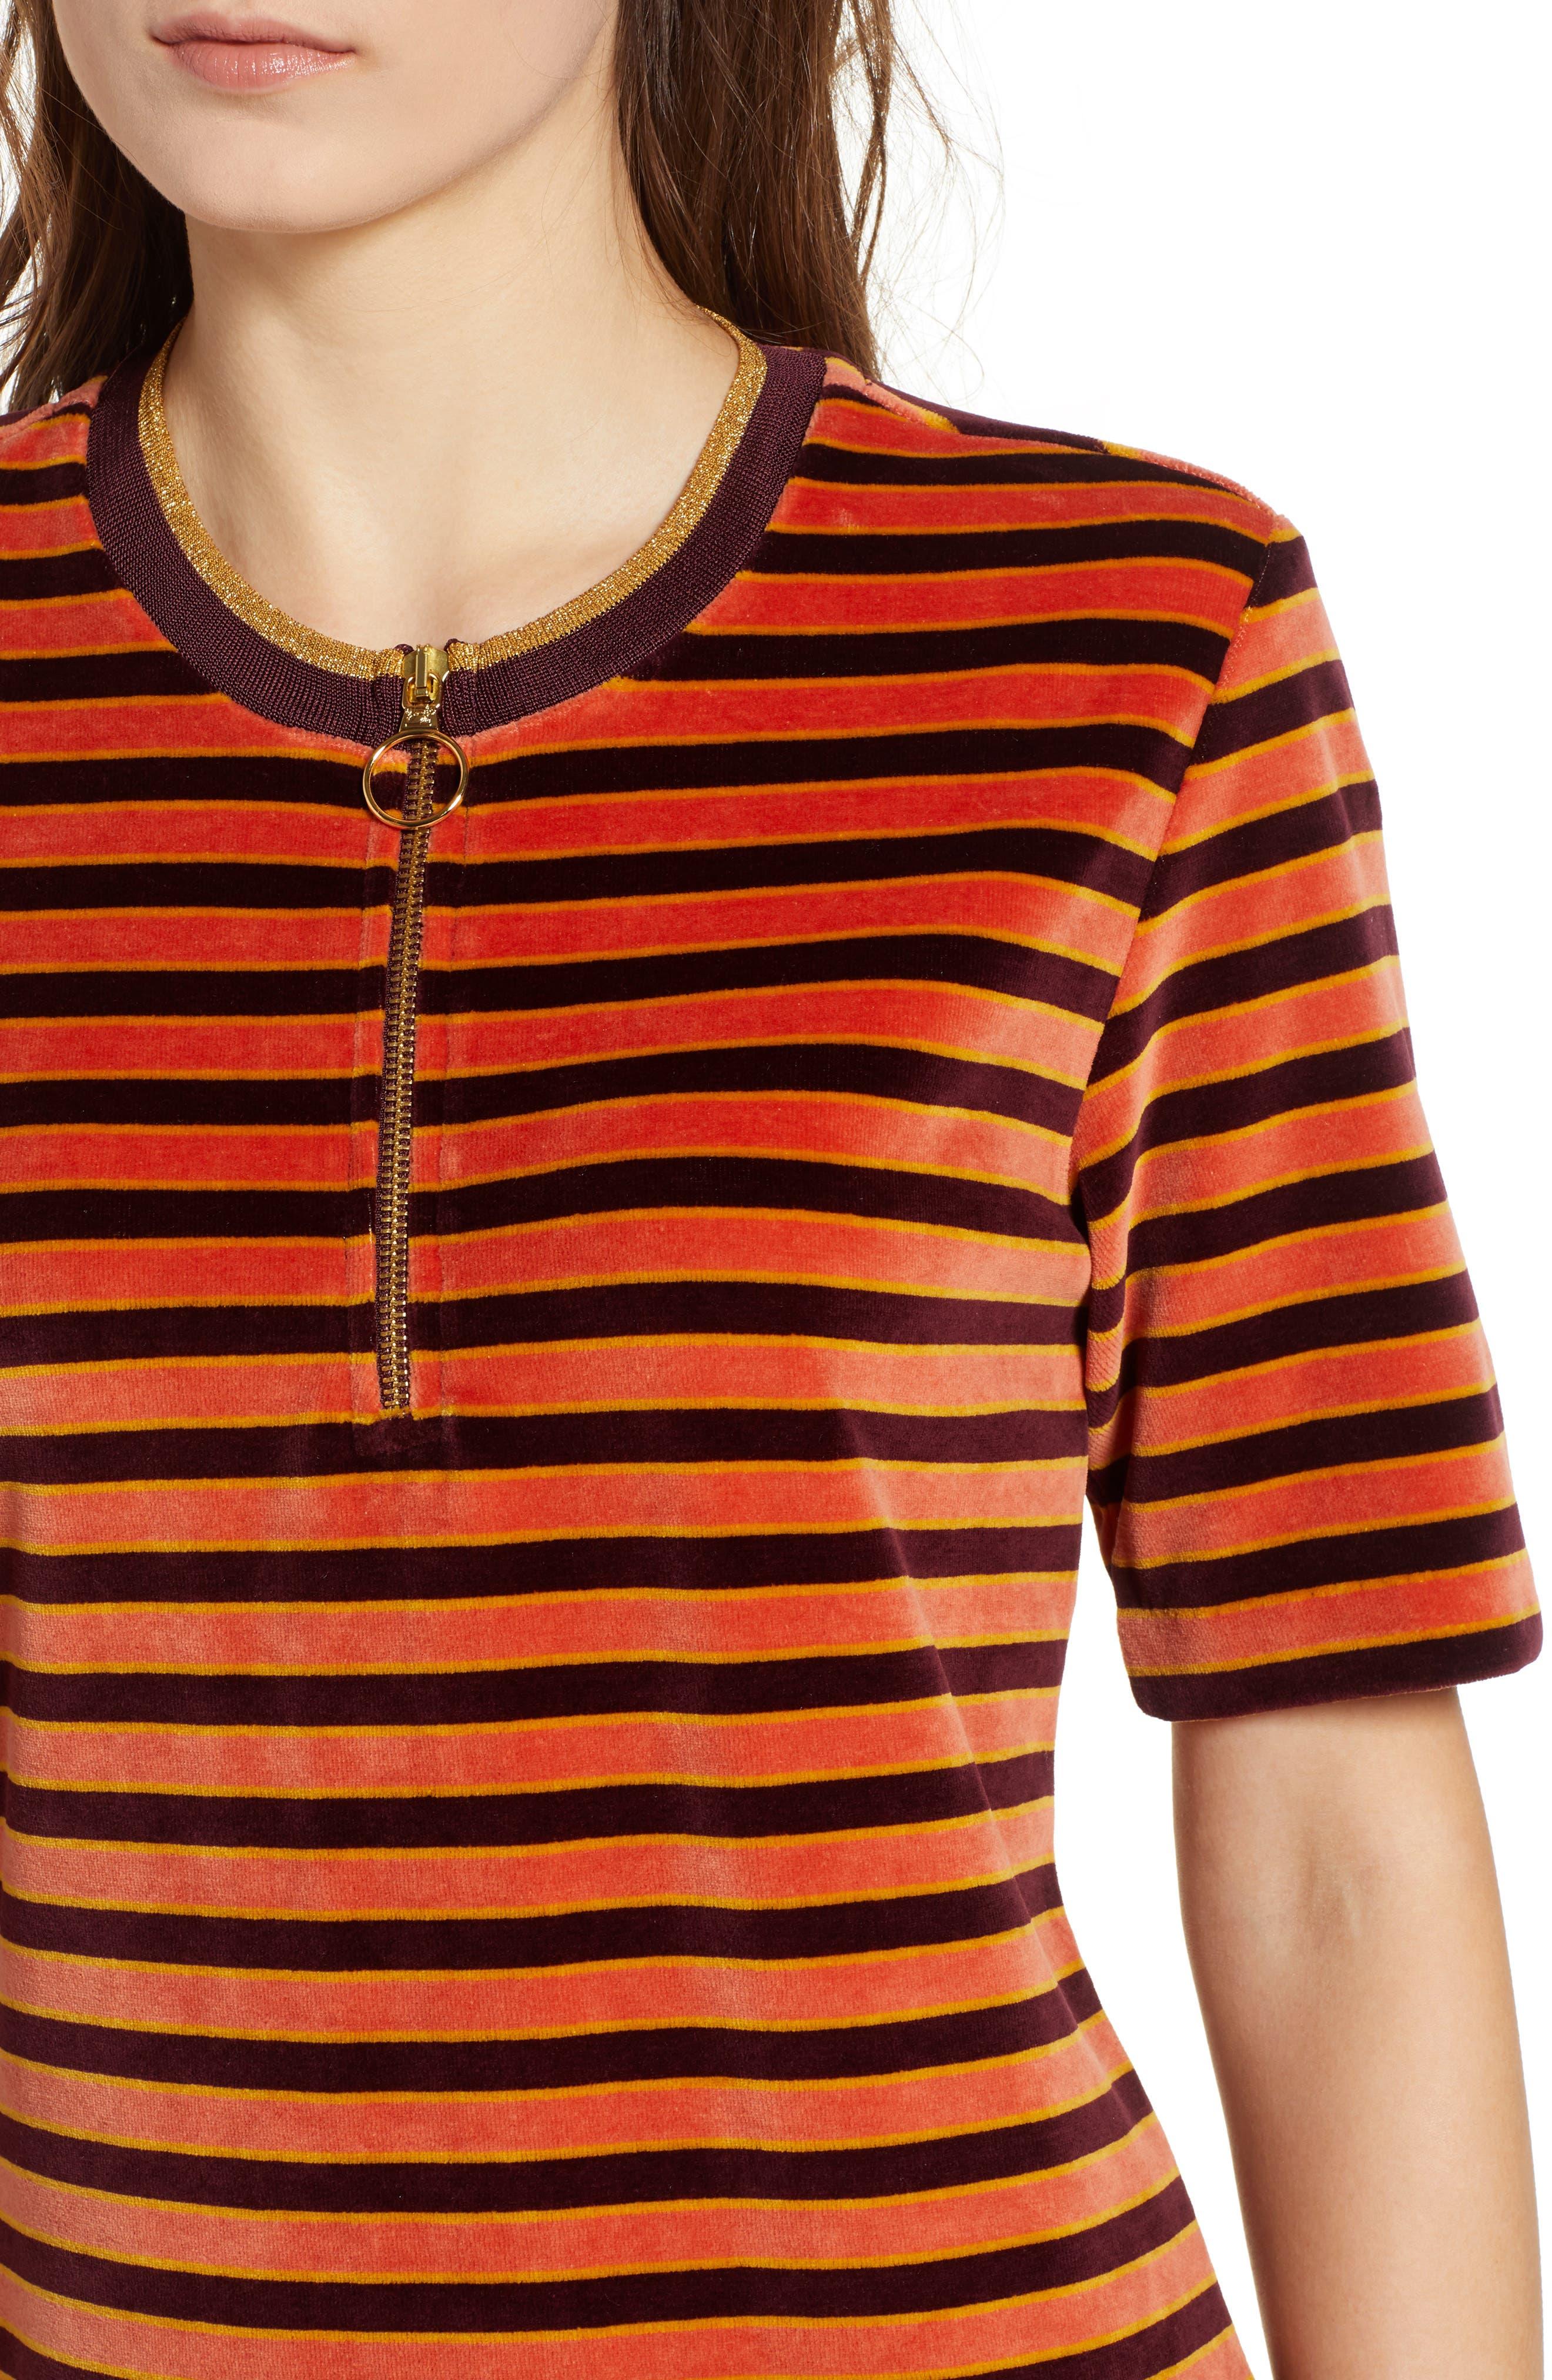 Striped Short Sleeve Velour Dress,                             Alternate thumbnail 4, color,                             ORANGE BURGUNDY STRIPE